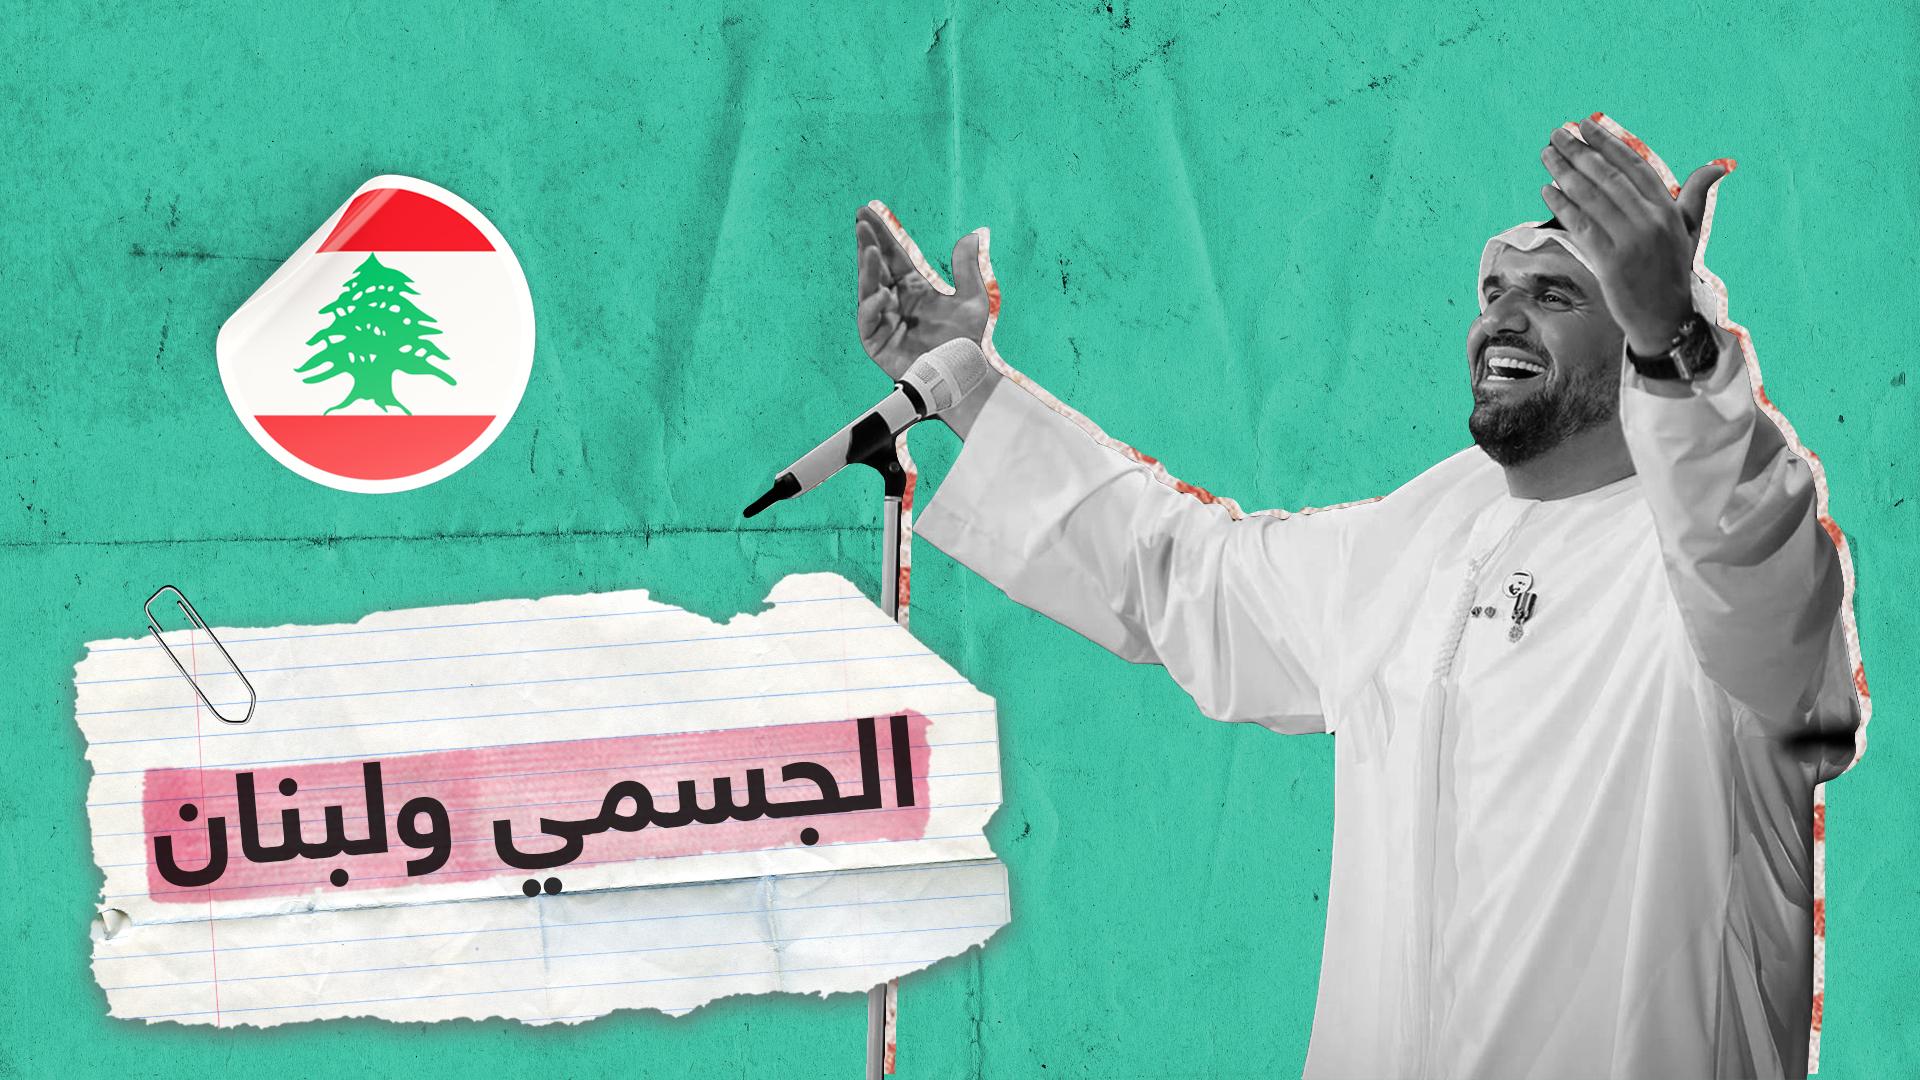 """الفنان الإماراتي حسين الجسمي يتعرض لحملة تنمر على الإنترنت بسبب """"انفجار بيروت"""""""